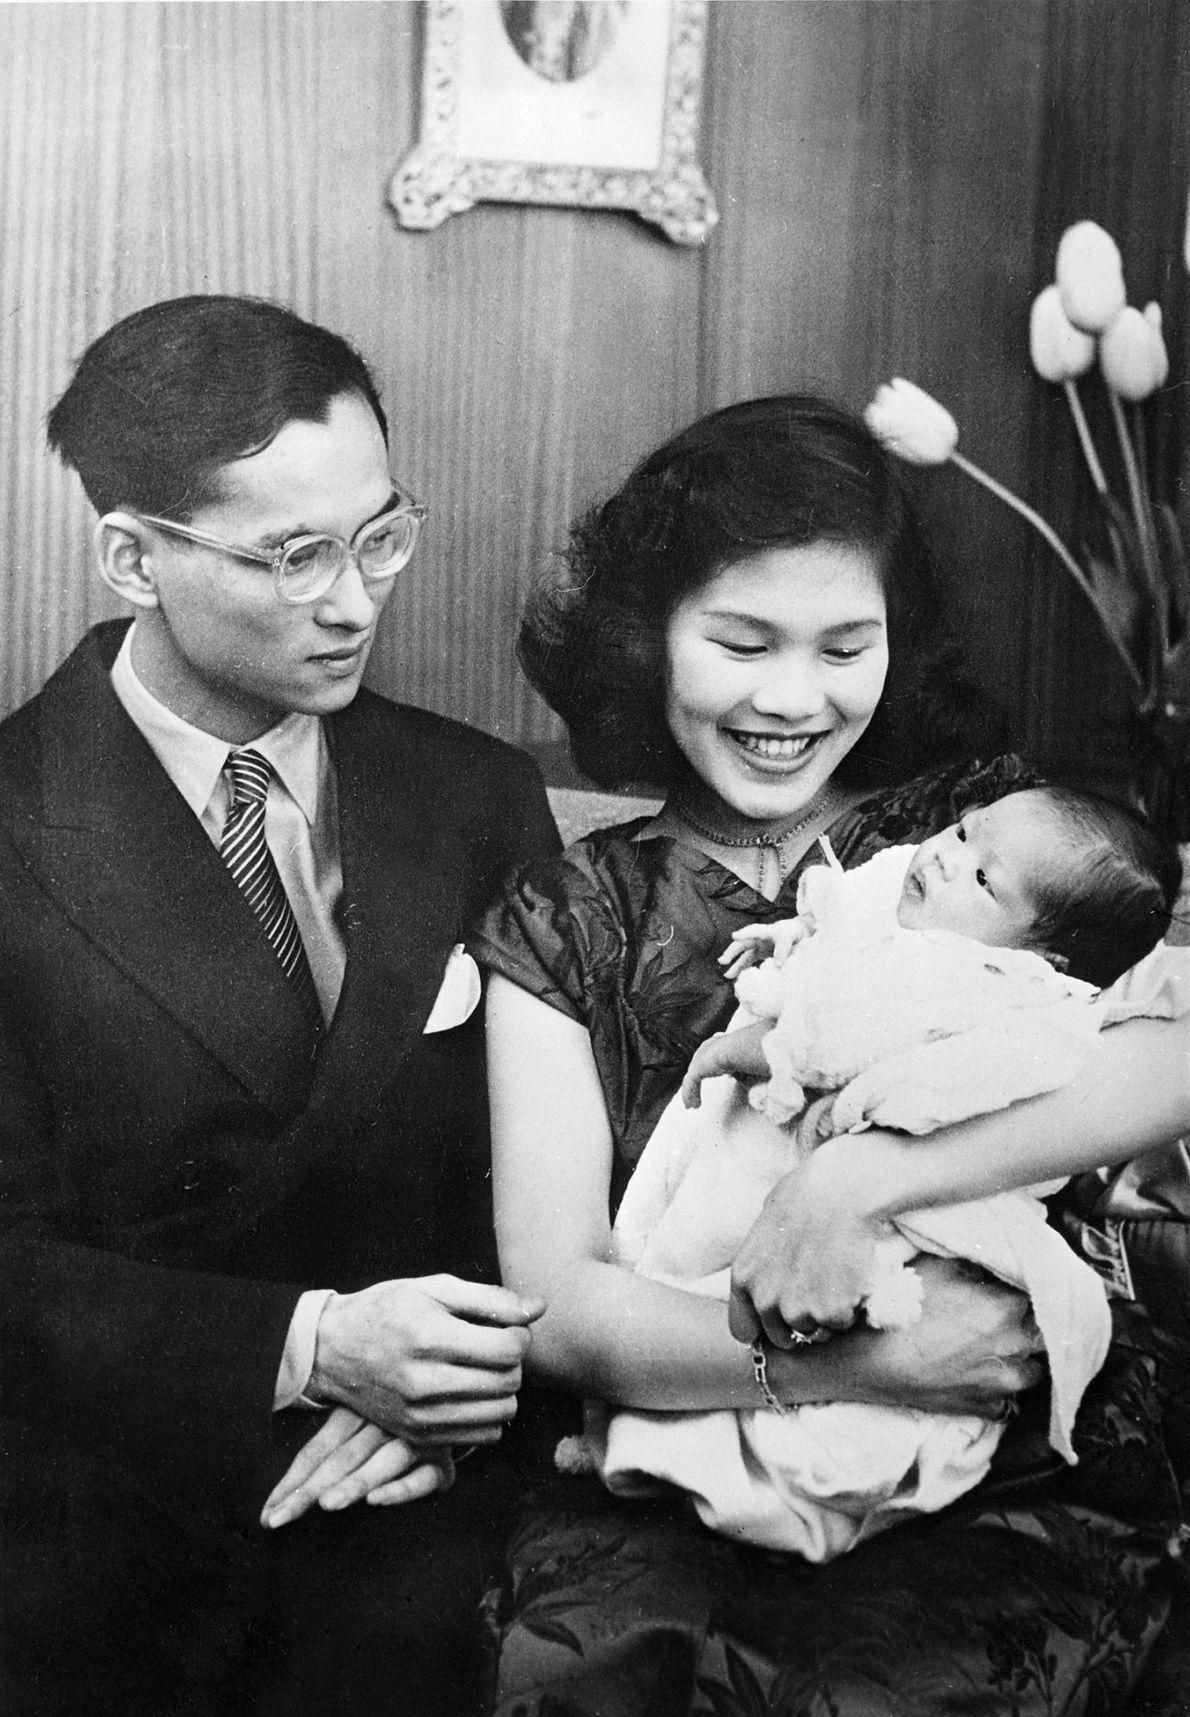 Der König von Thailand, Bhumibol Adulyadej, mit seiner Frau, der Prinzessin Sirikit, und seiner neugeborenen Tochter ...